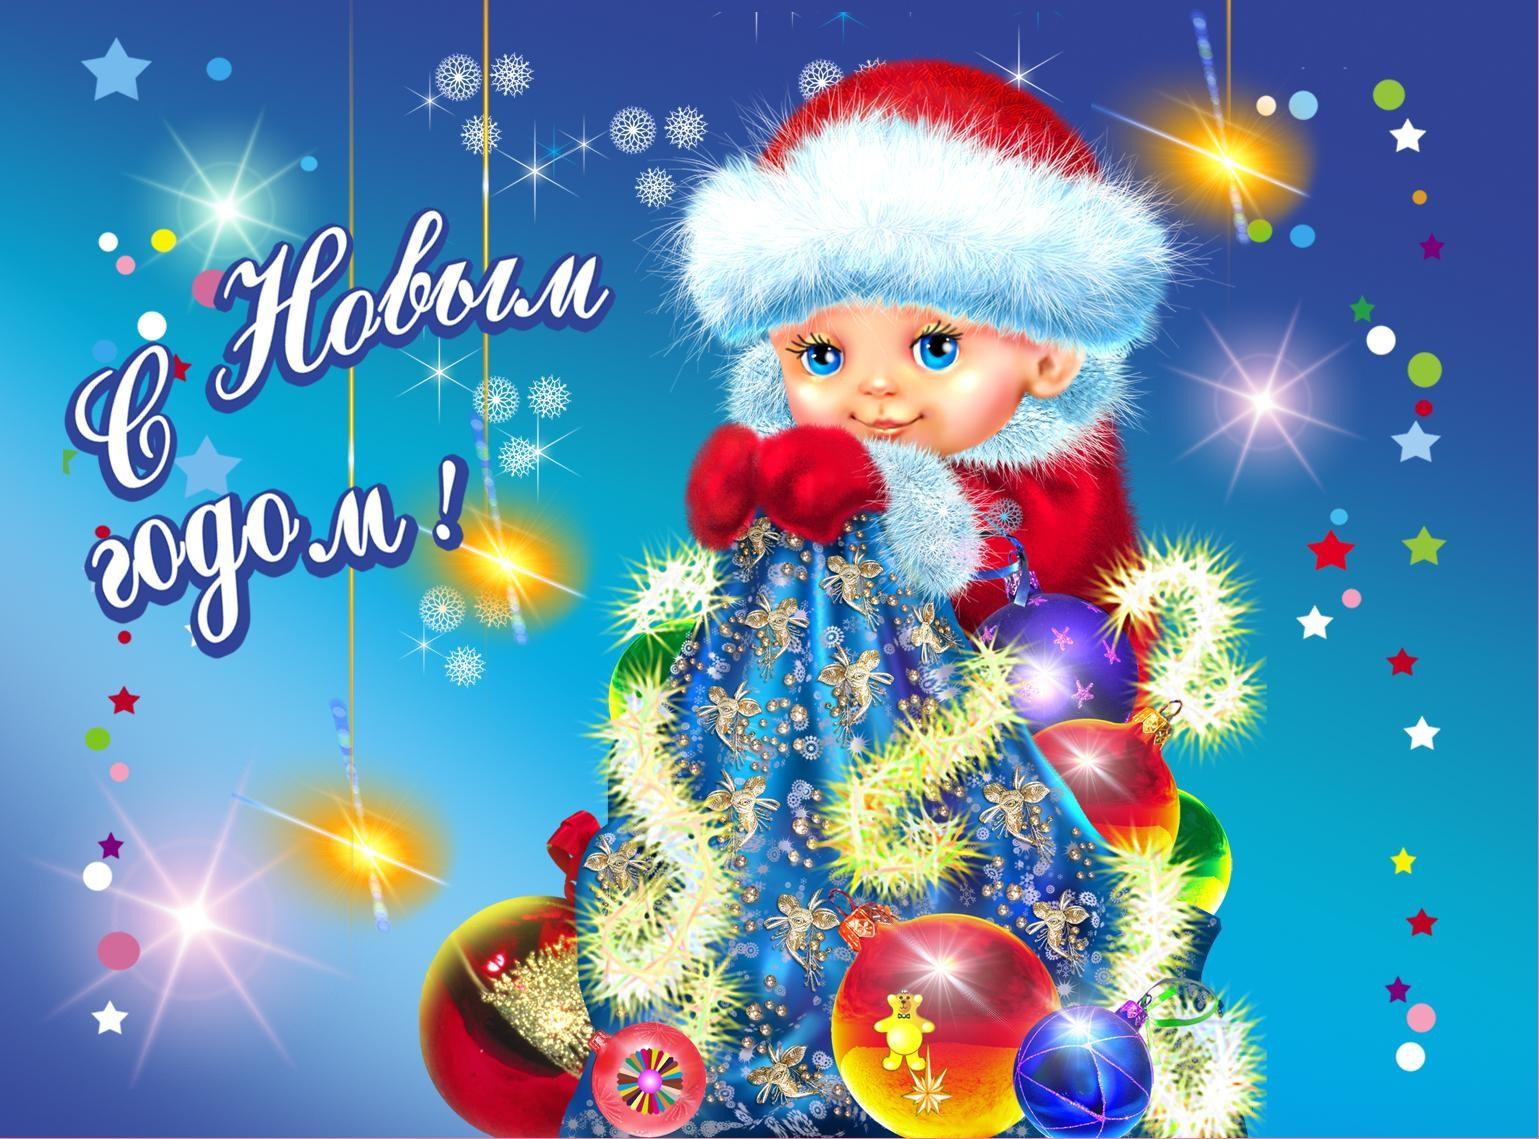 Поздравления С Новым годом - C наступающим новым годом 2017 поздравительные картинки